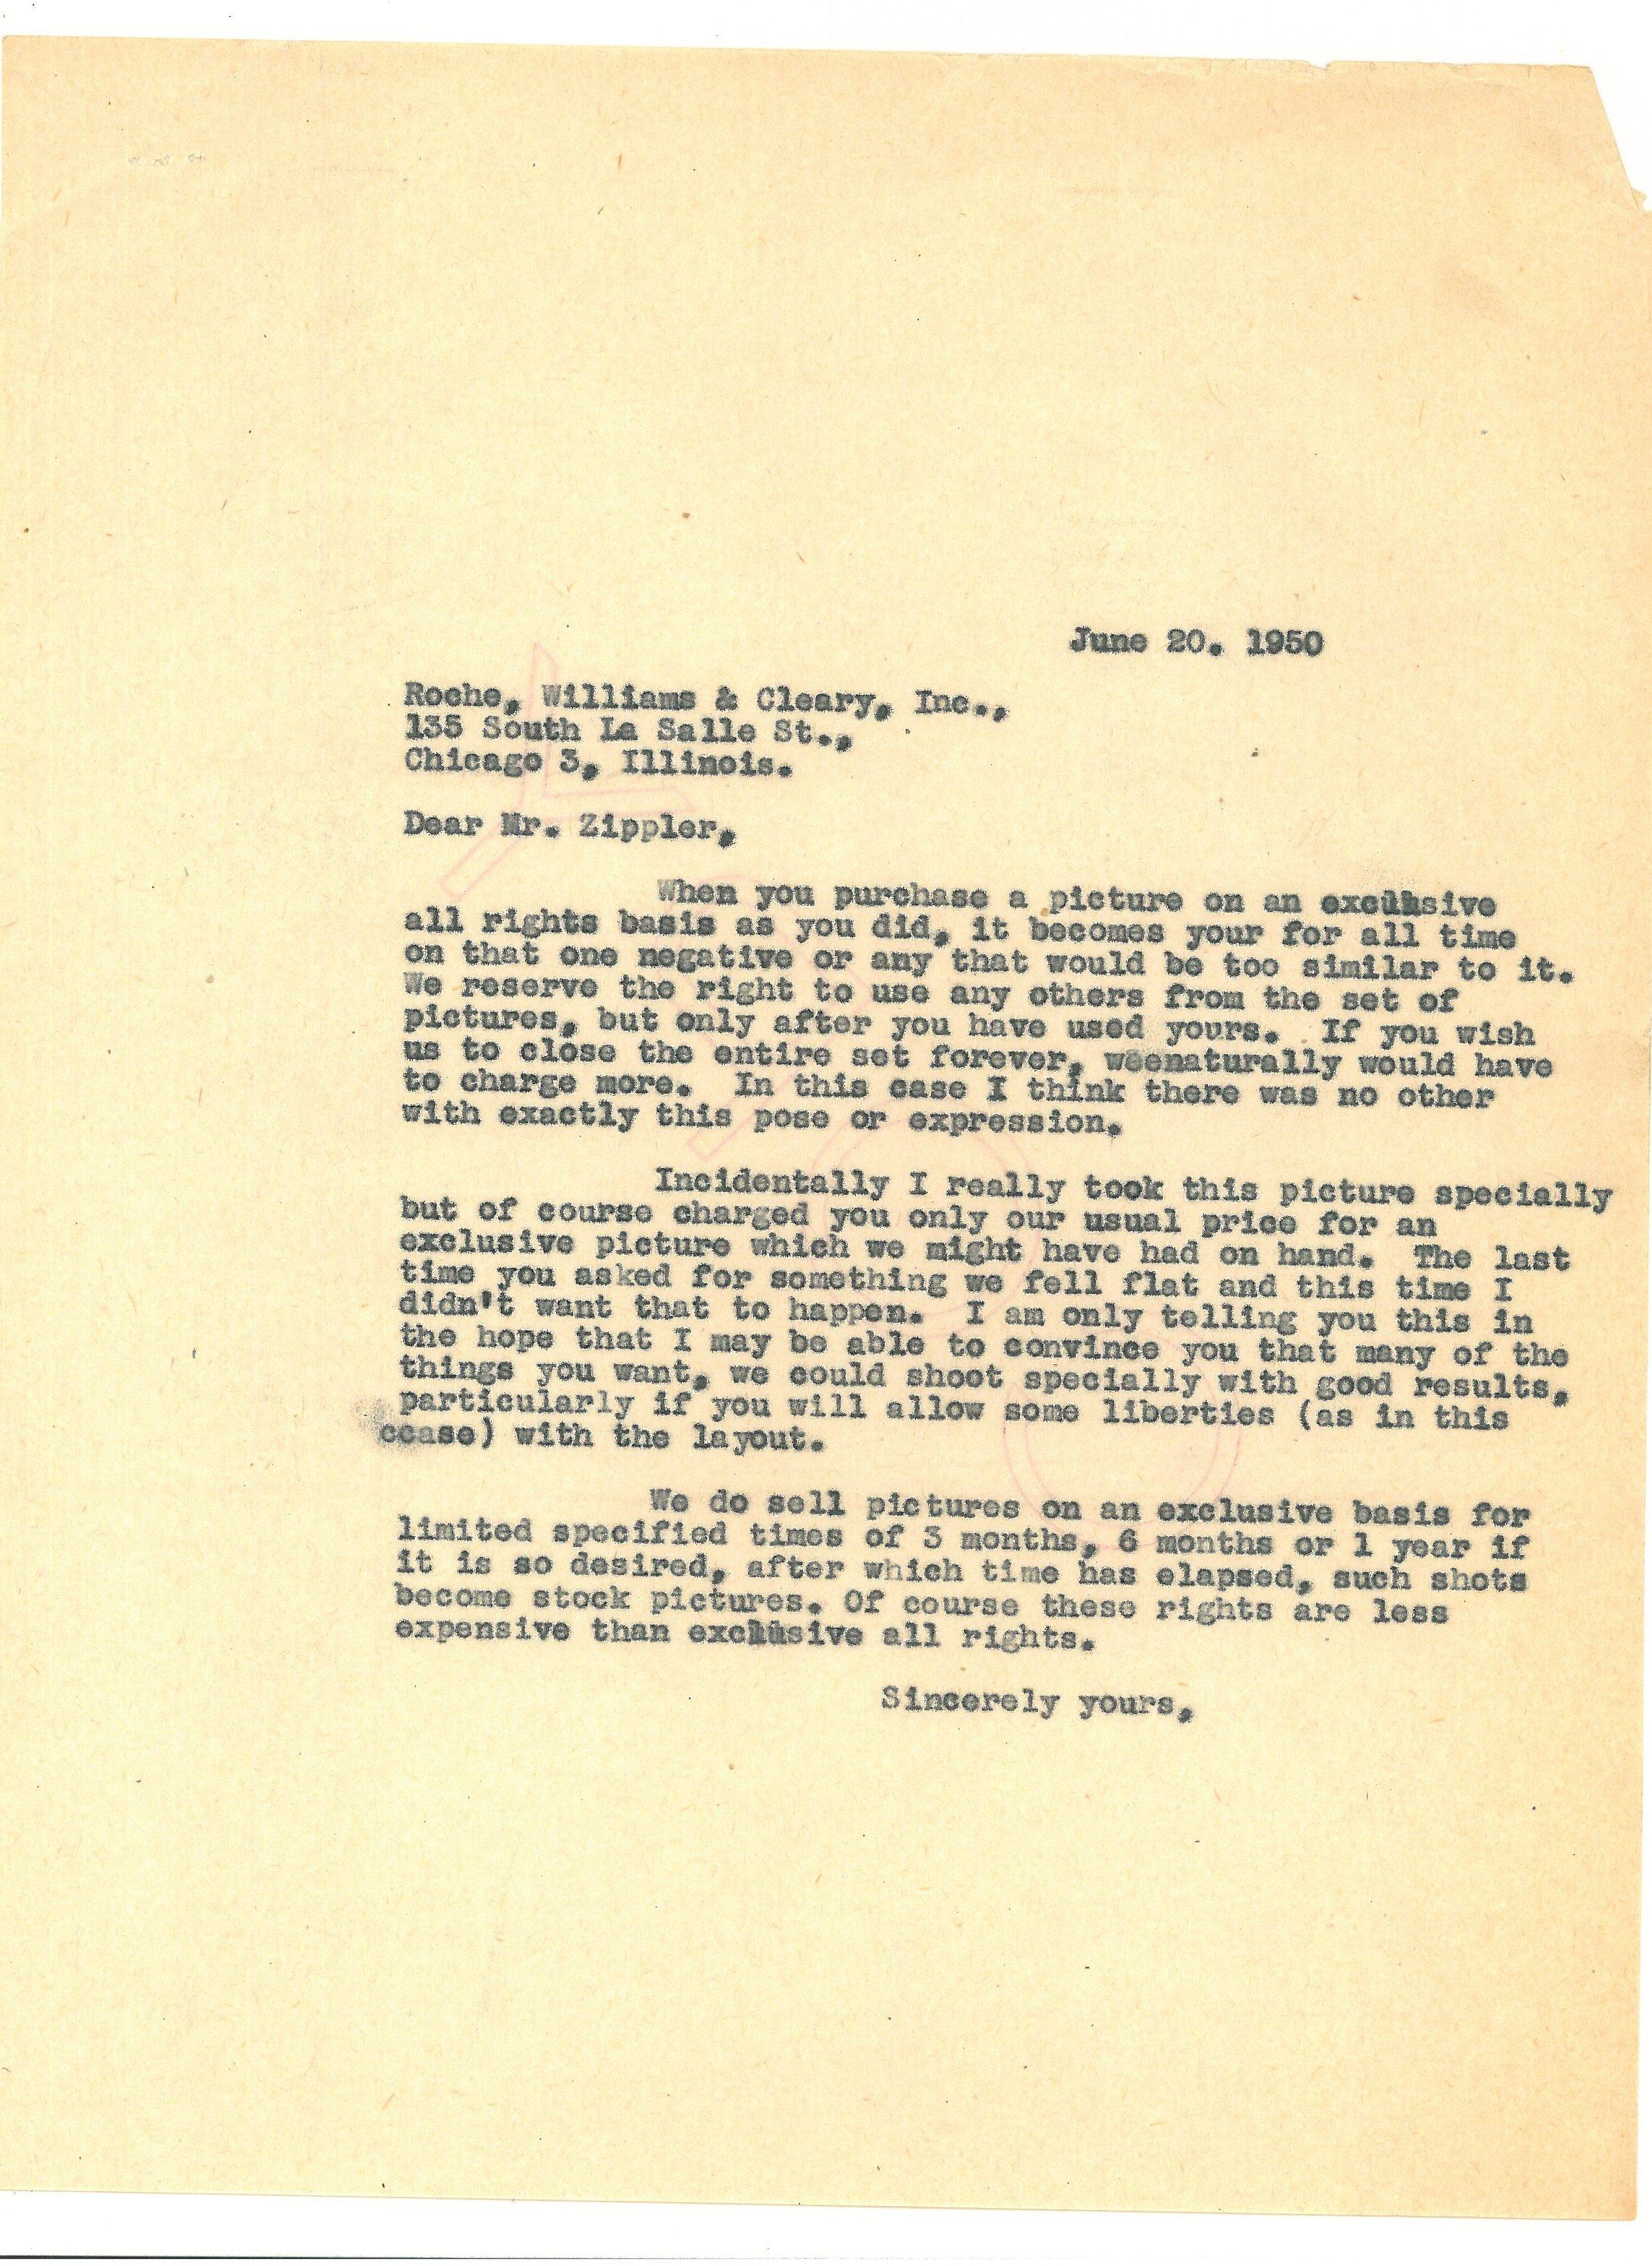 1950 zippler letter